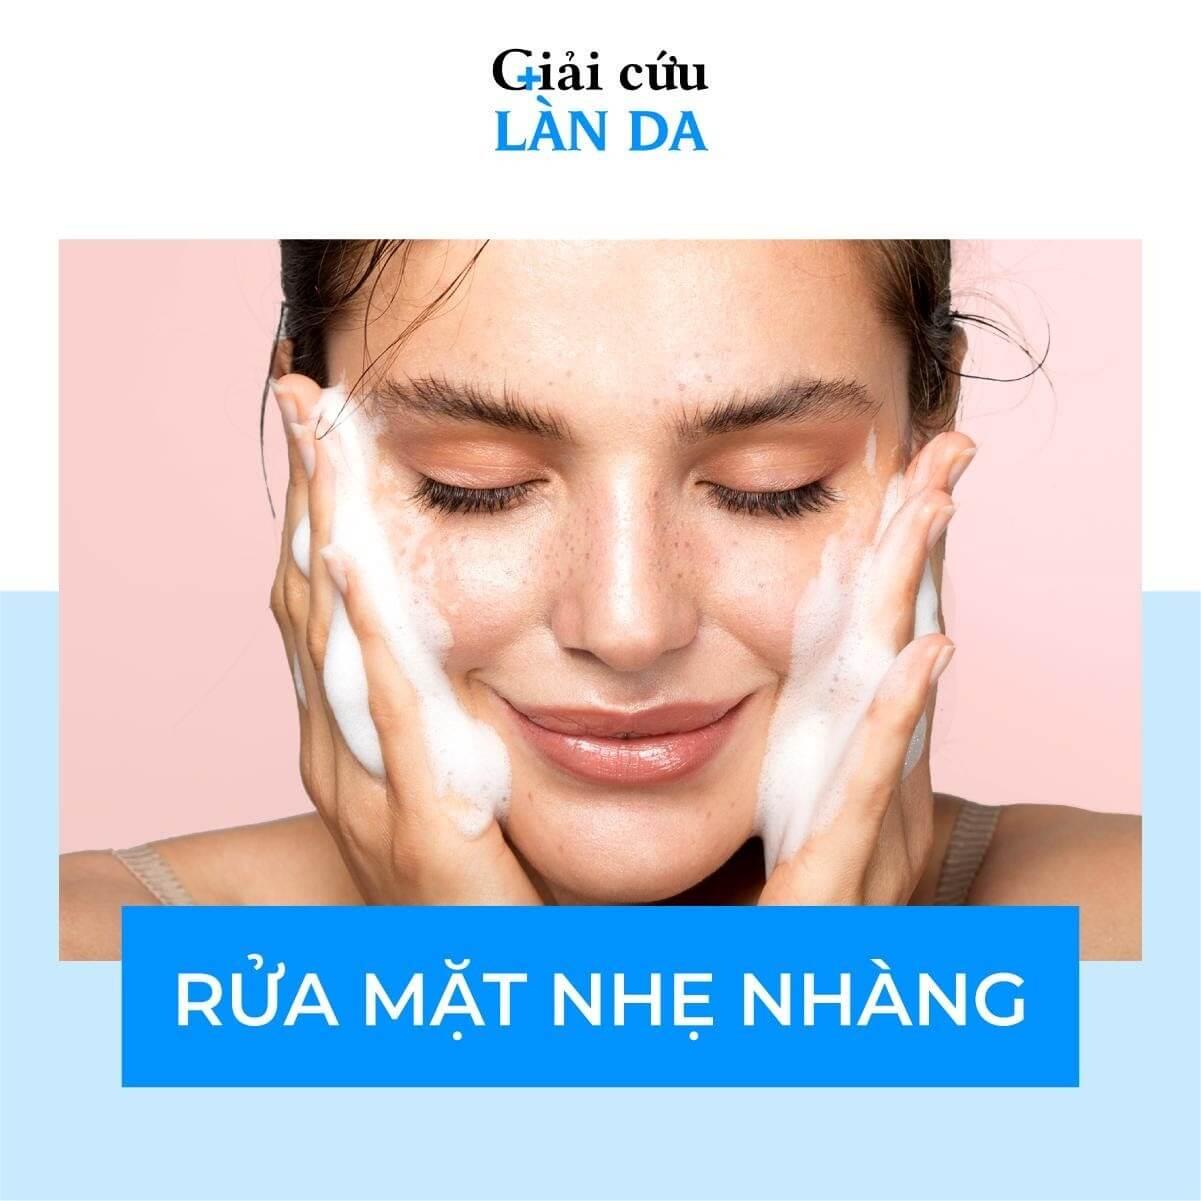 Rửa mặt là cách chăm sóc da mụn quan trọng